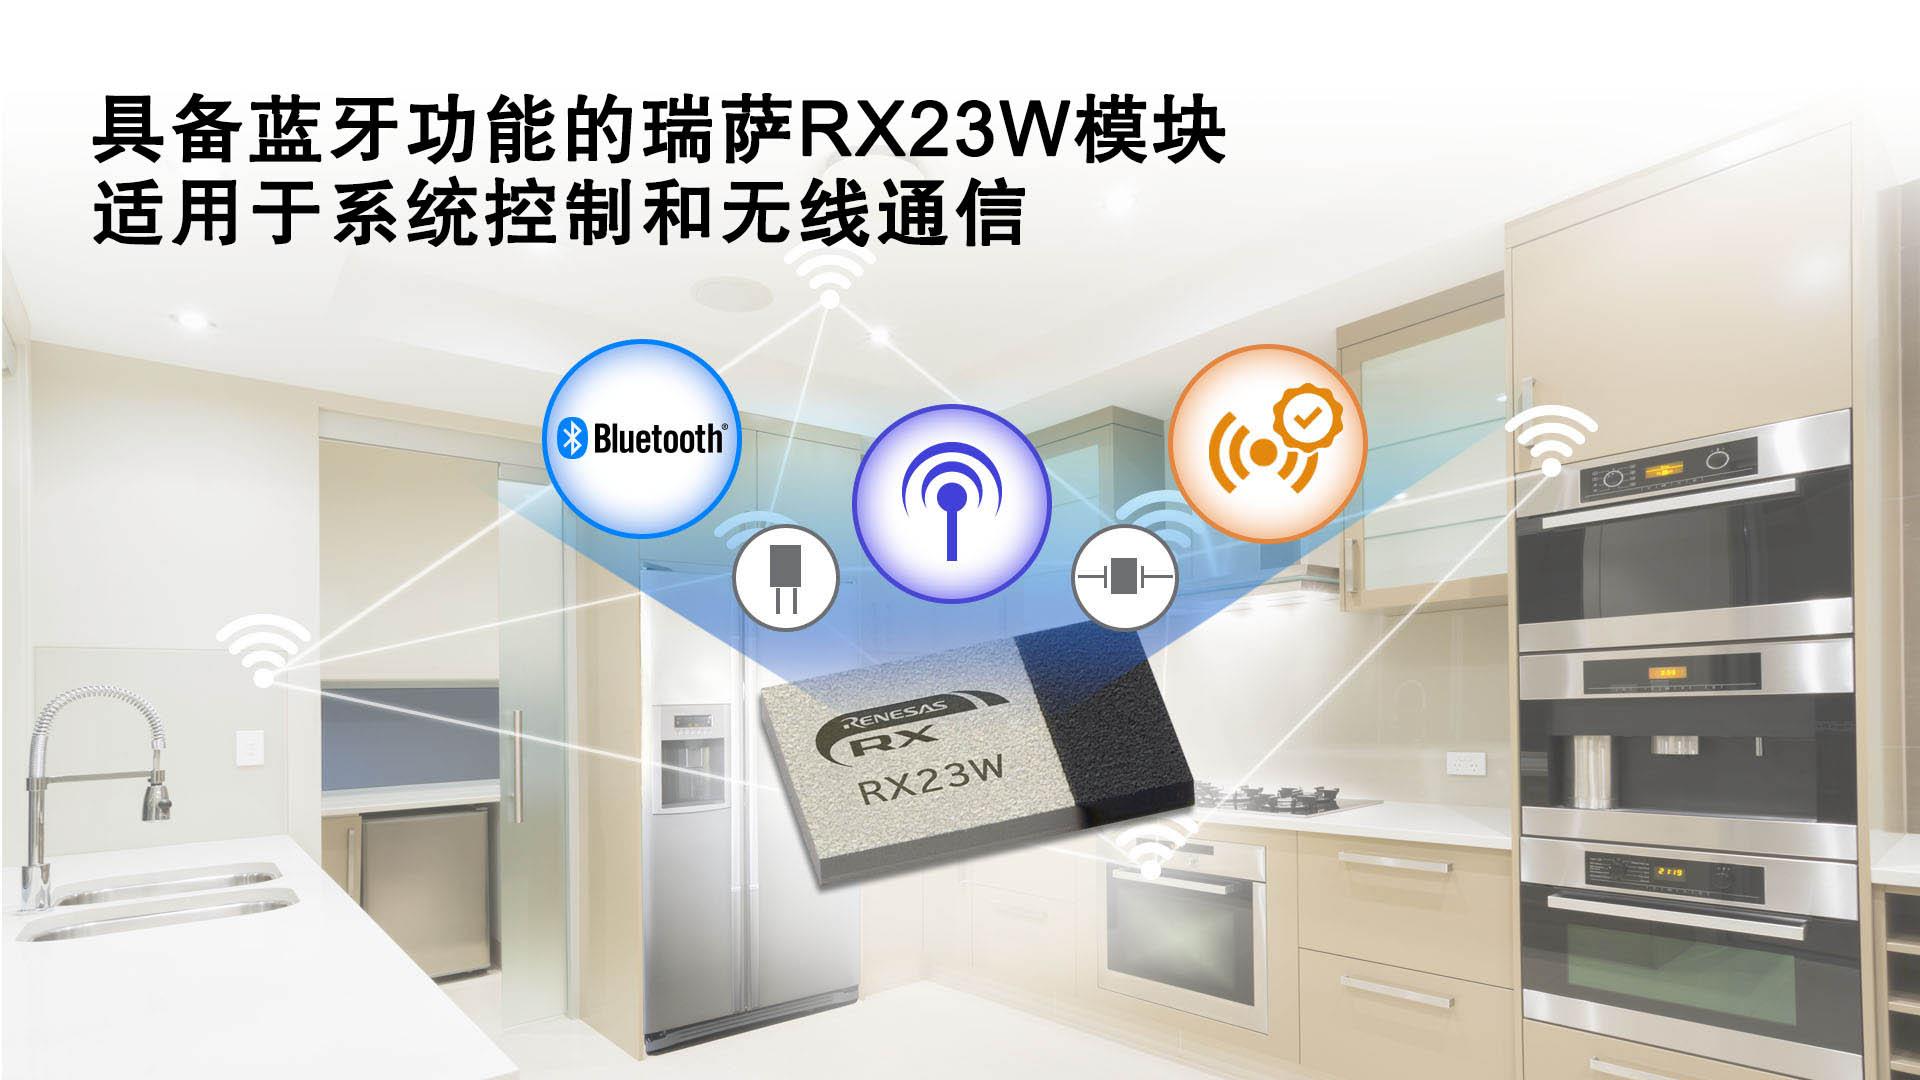 瑞薩電子推出具備藍牙功能的RX23W模塊適用于物聯網設備的系統控制與無線通信